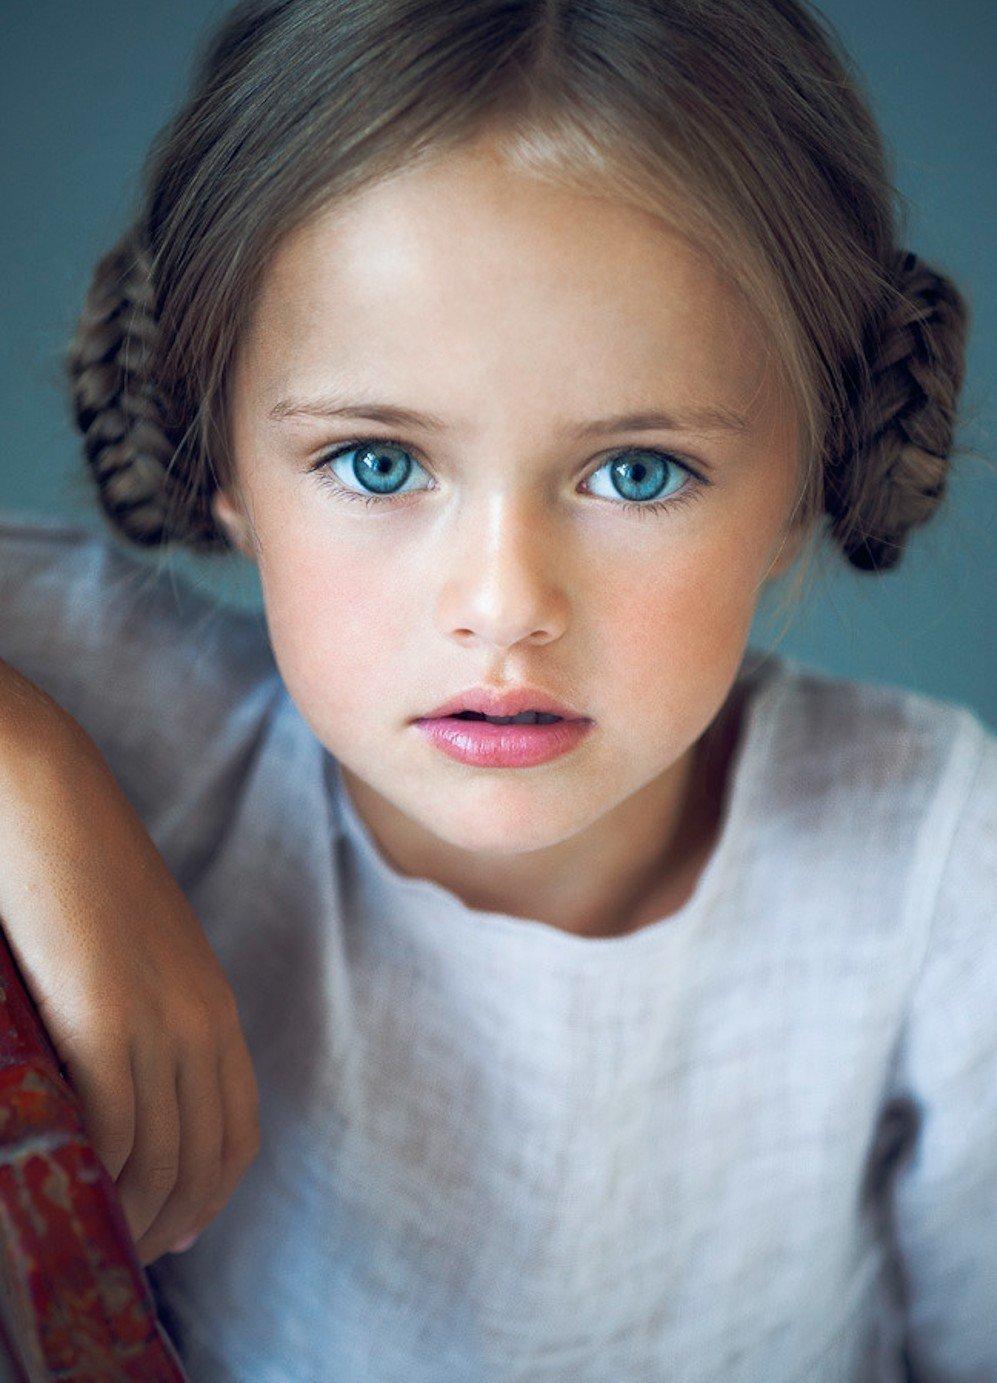 Юные девочьки фото 10 фотография